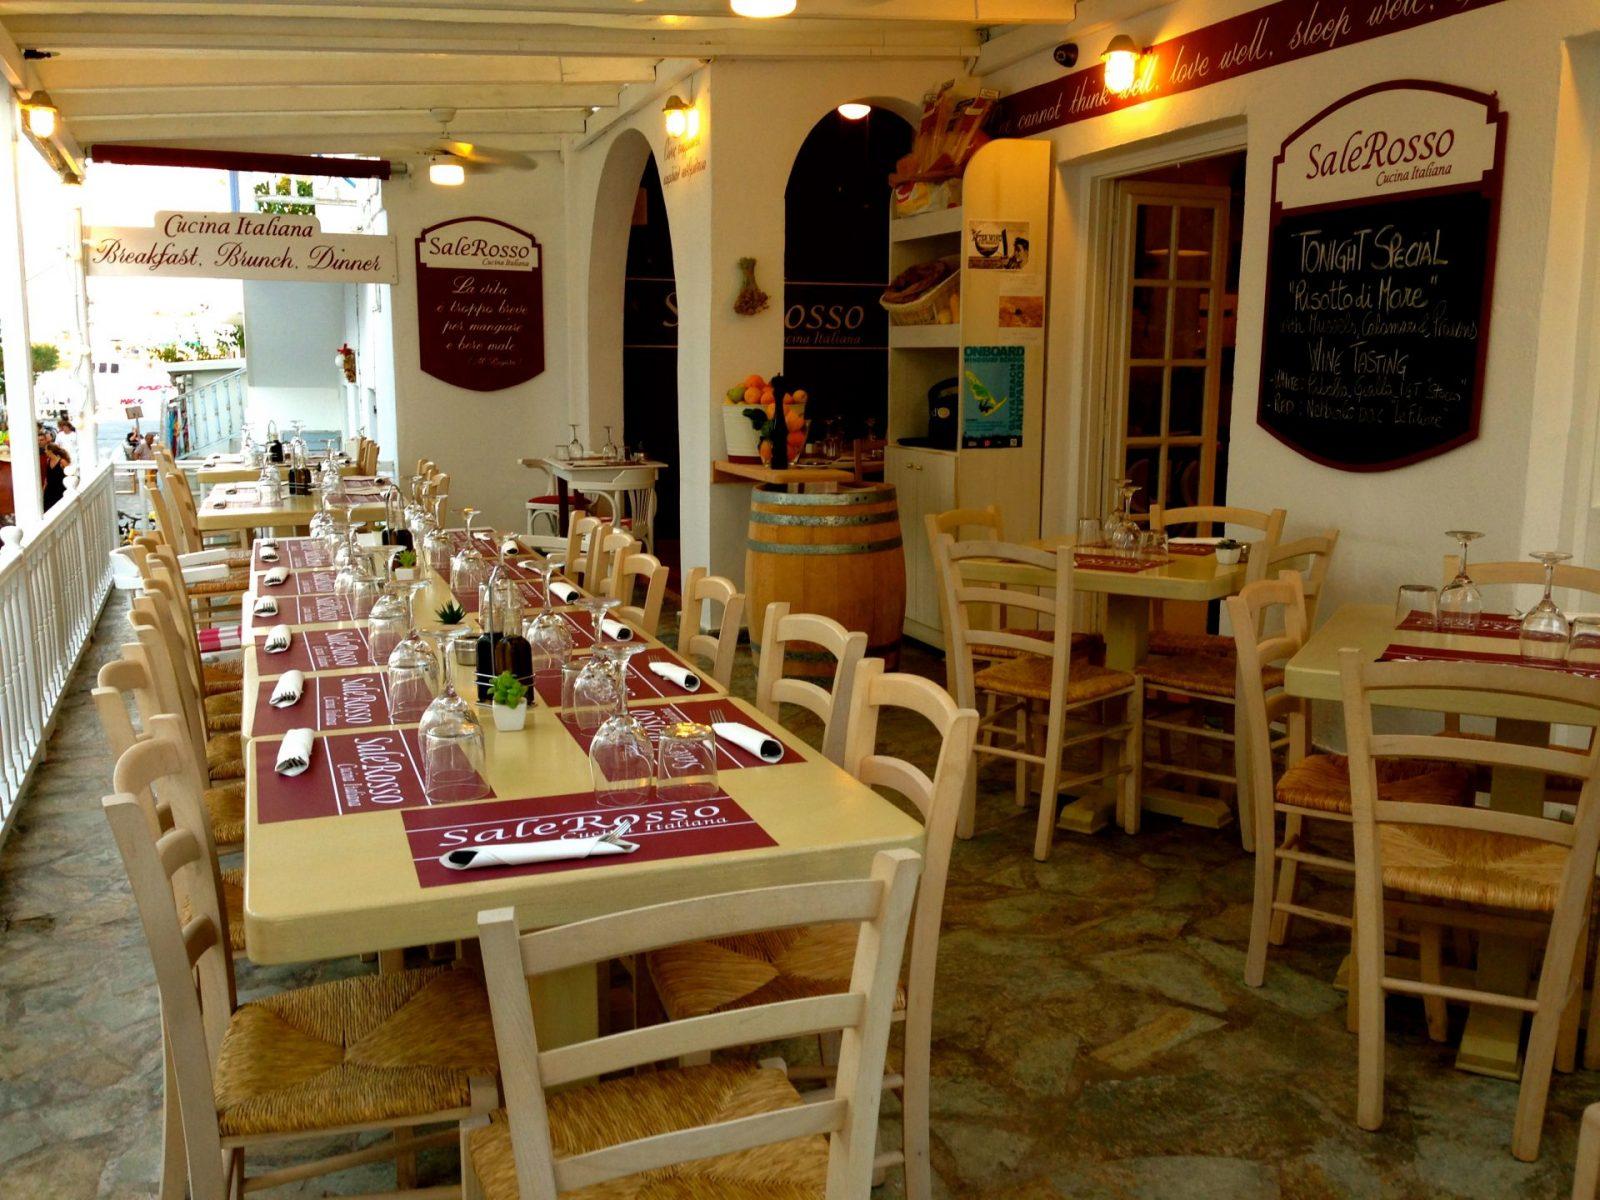 Scuola di cucina corso per cuoco aprire un ristorante - Scuola di cucina torino ...